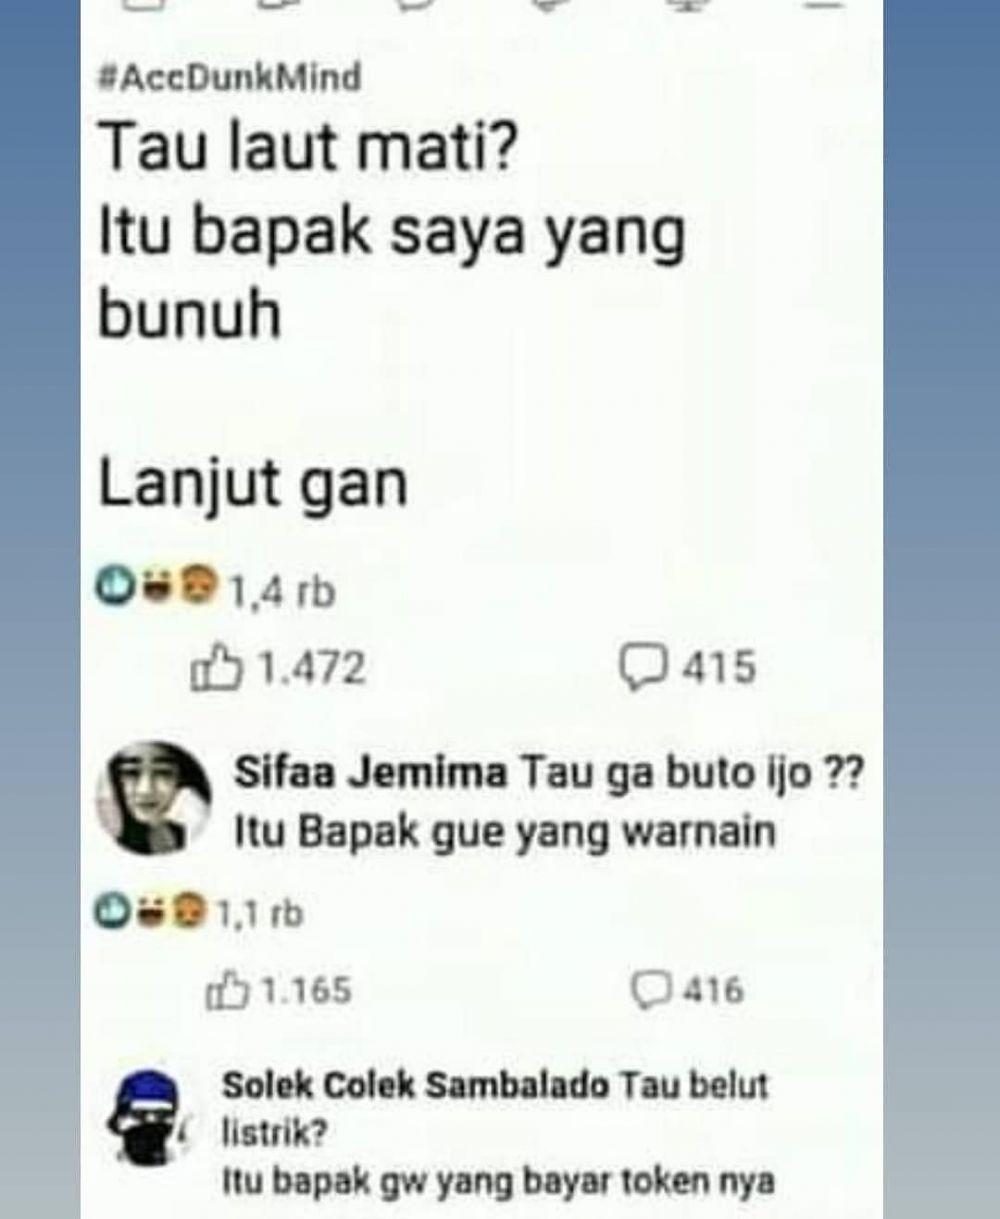 tanya jawab di grup Facebook lucu © 2019 instagram.com